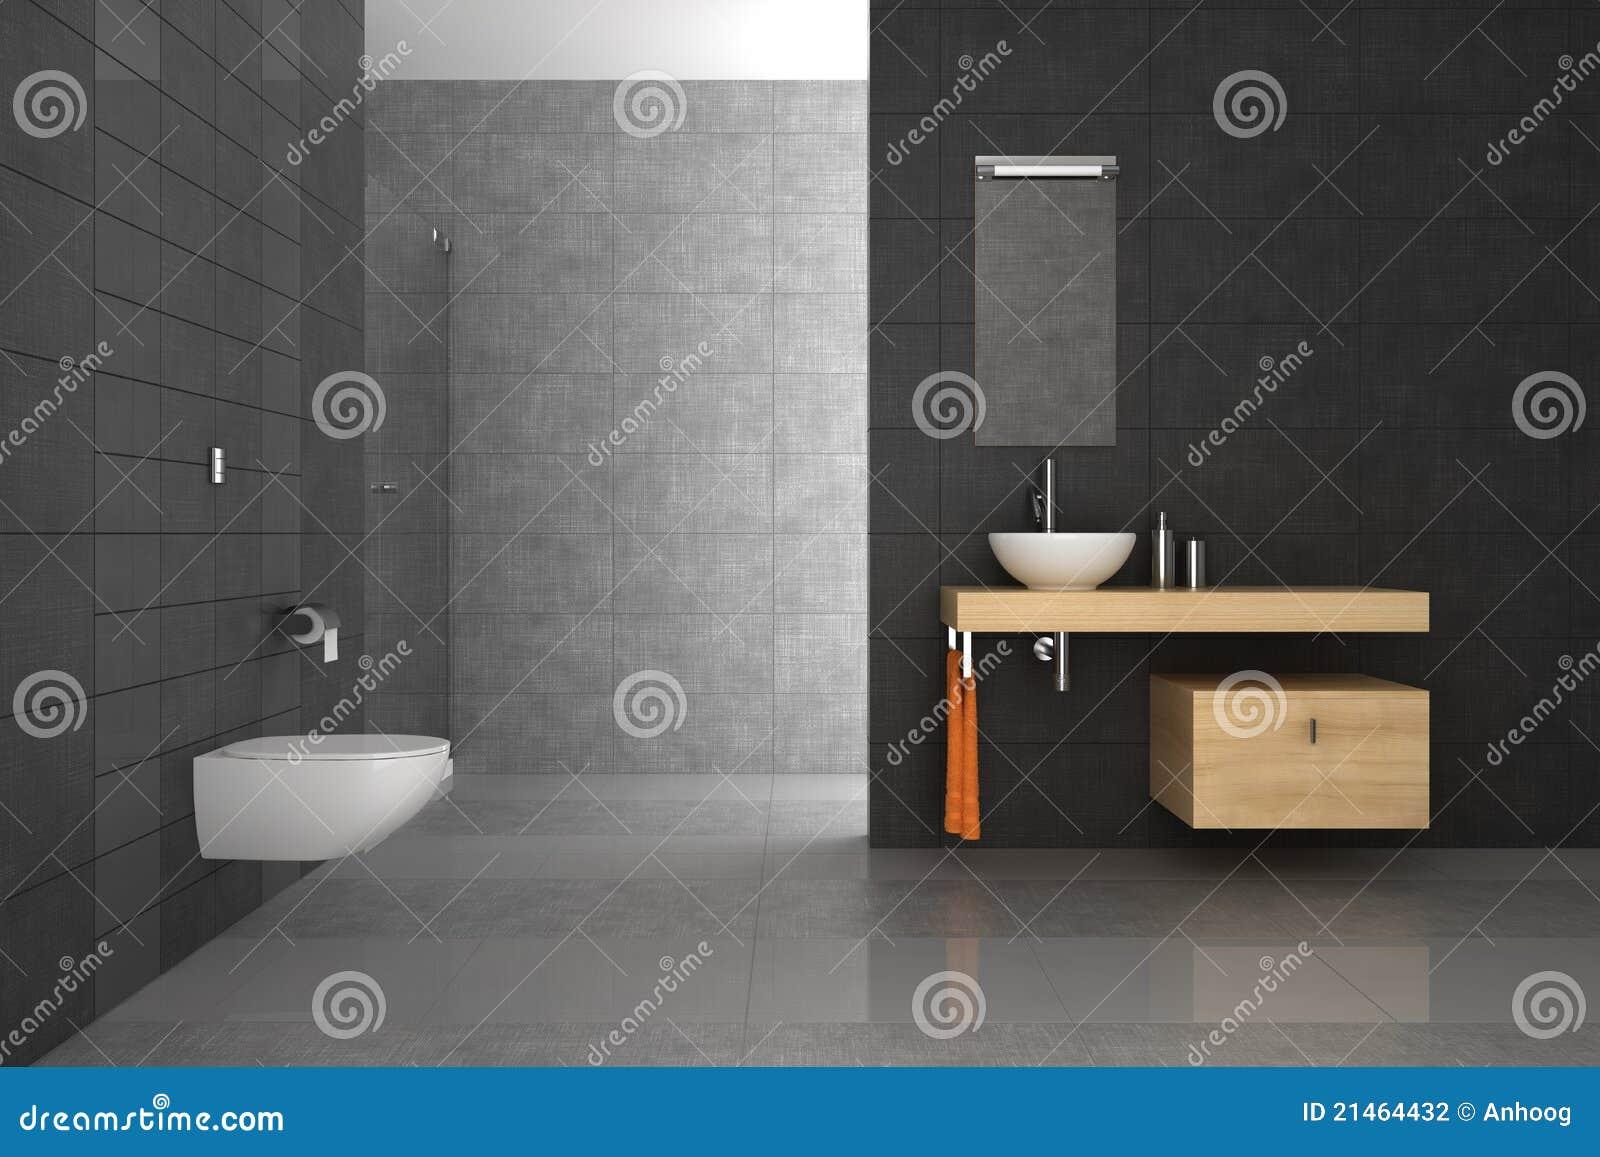 Azulejos Baño Grises:cuarto de baño moderno con los azulejos grises y los muebles de